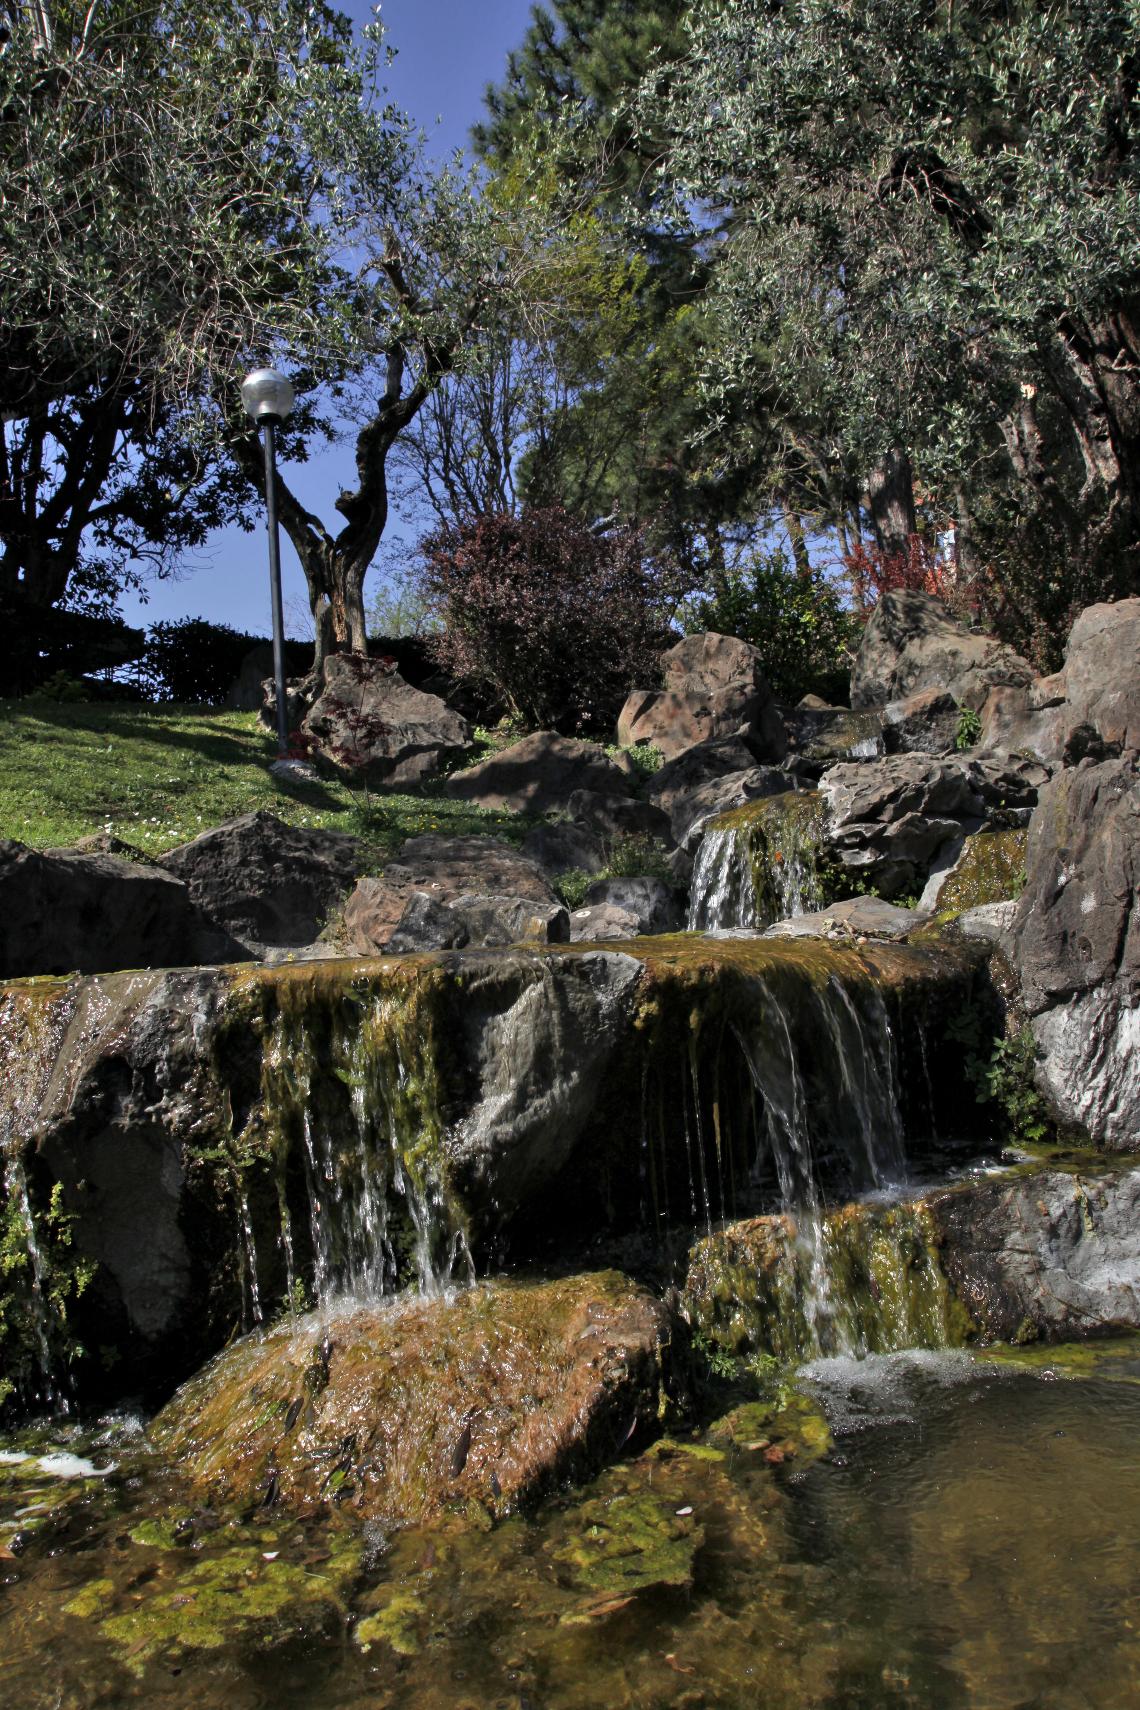 Il giardino giapponese a roma un piccolo gioiello lifegate for Giardino giapponesi